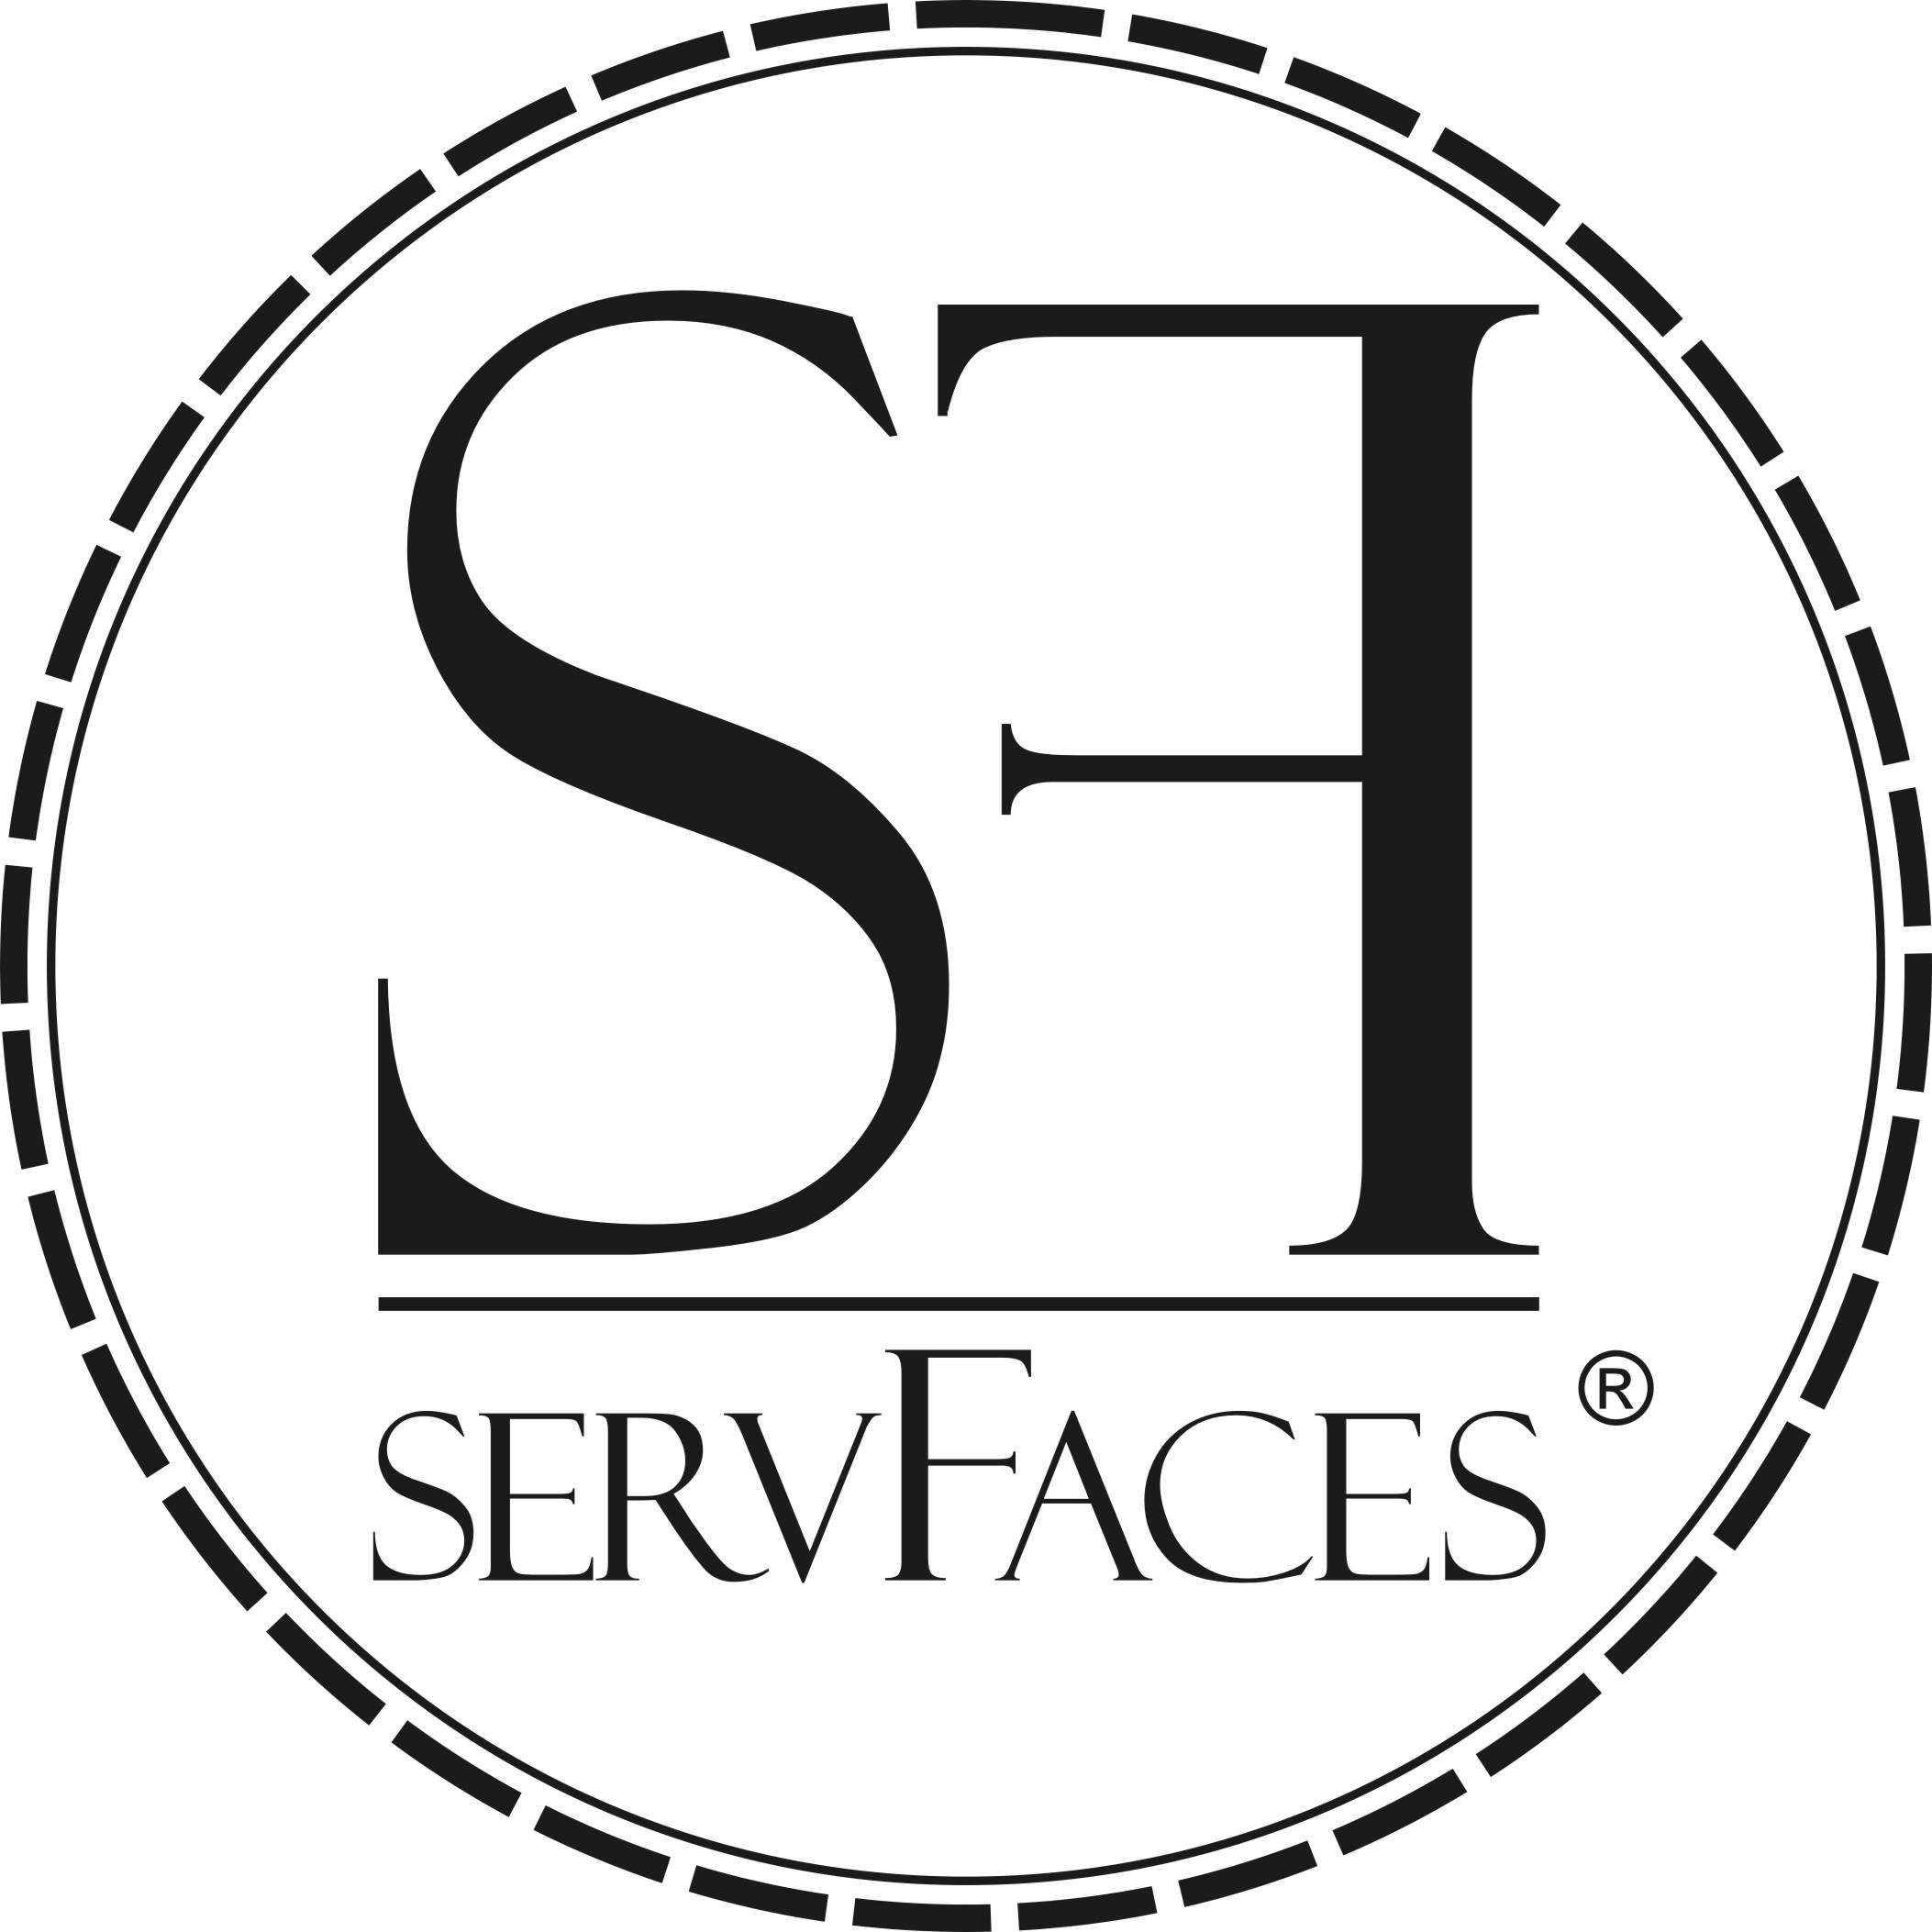 servFaces